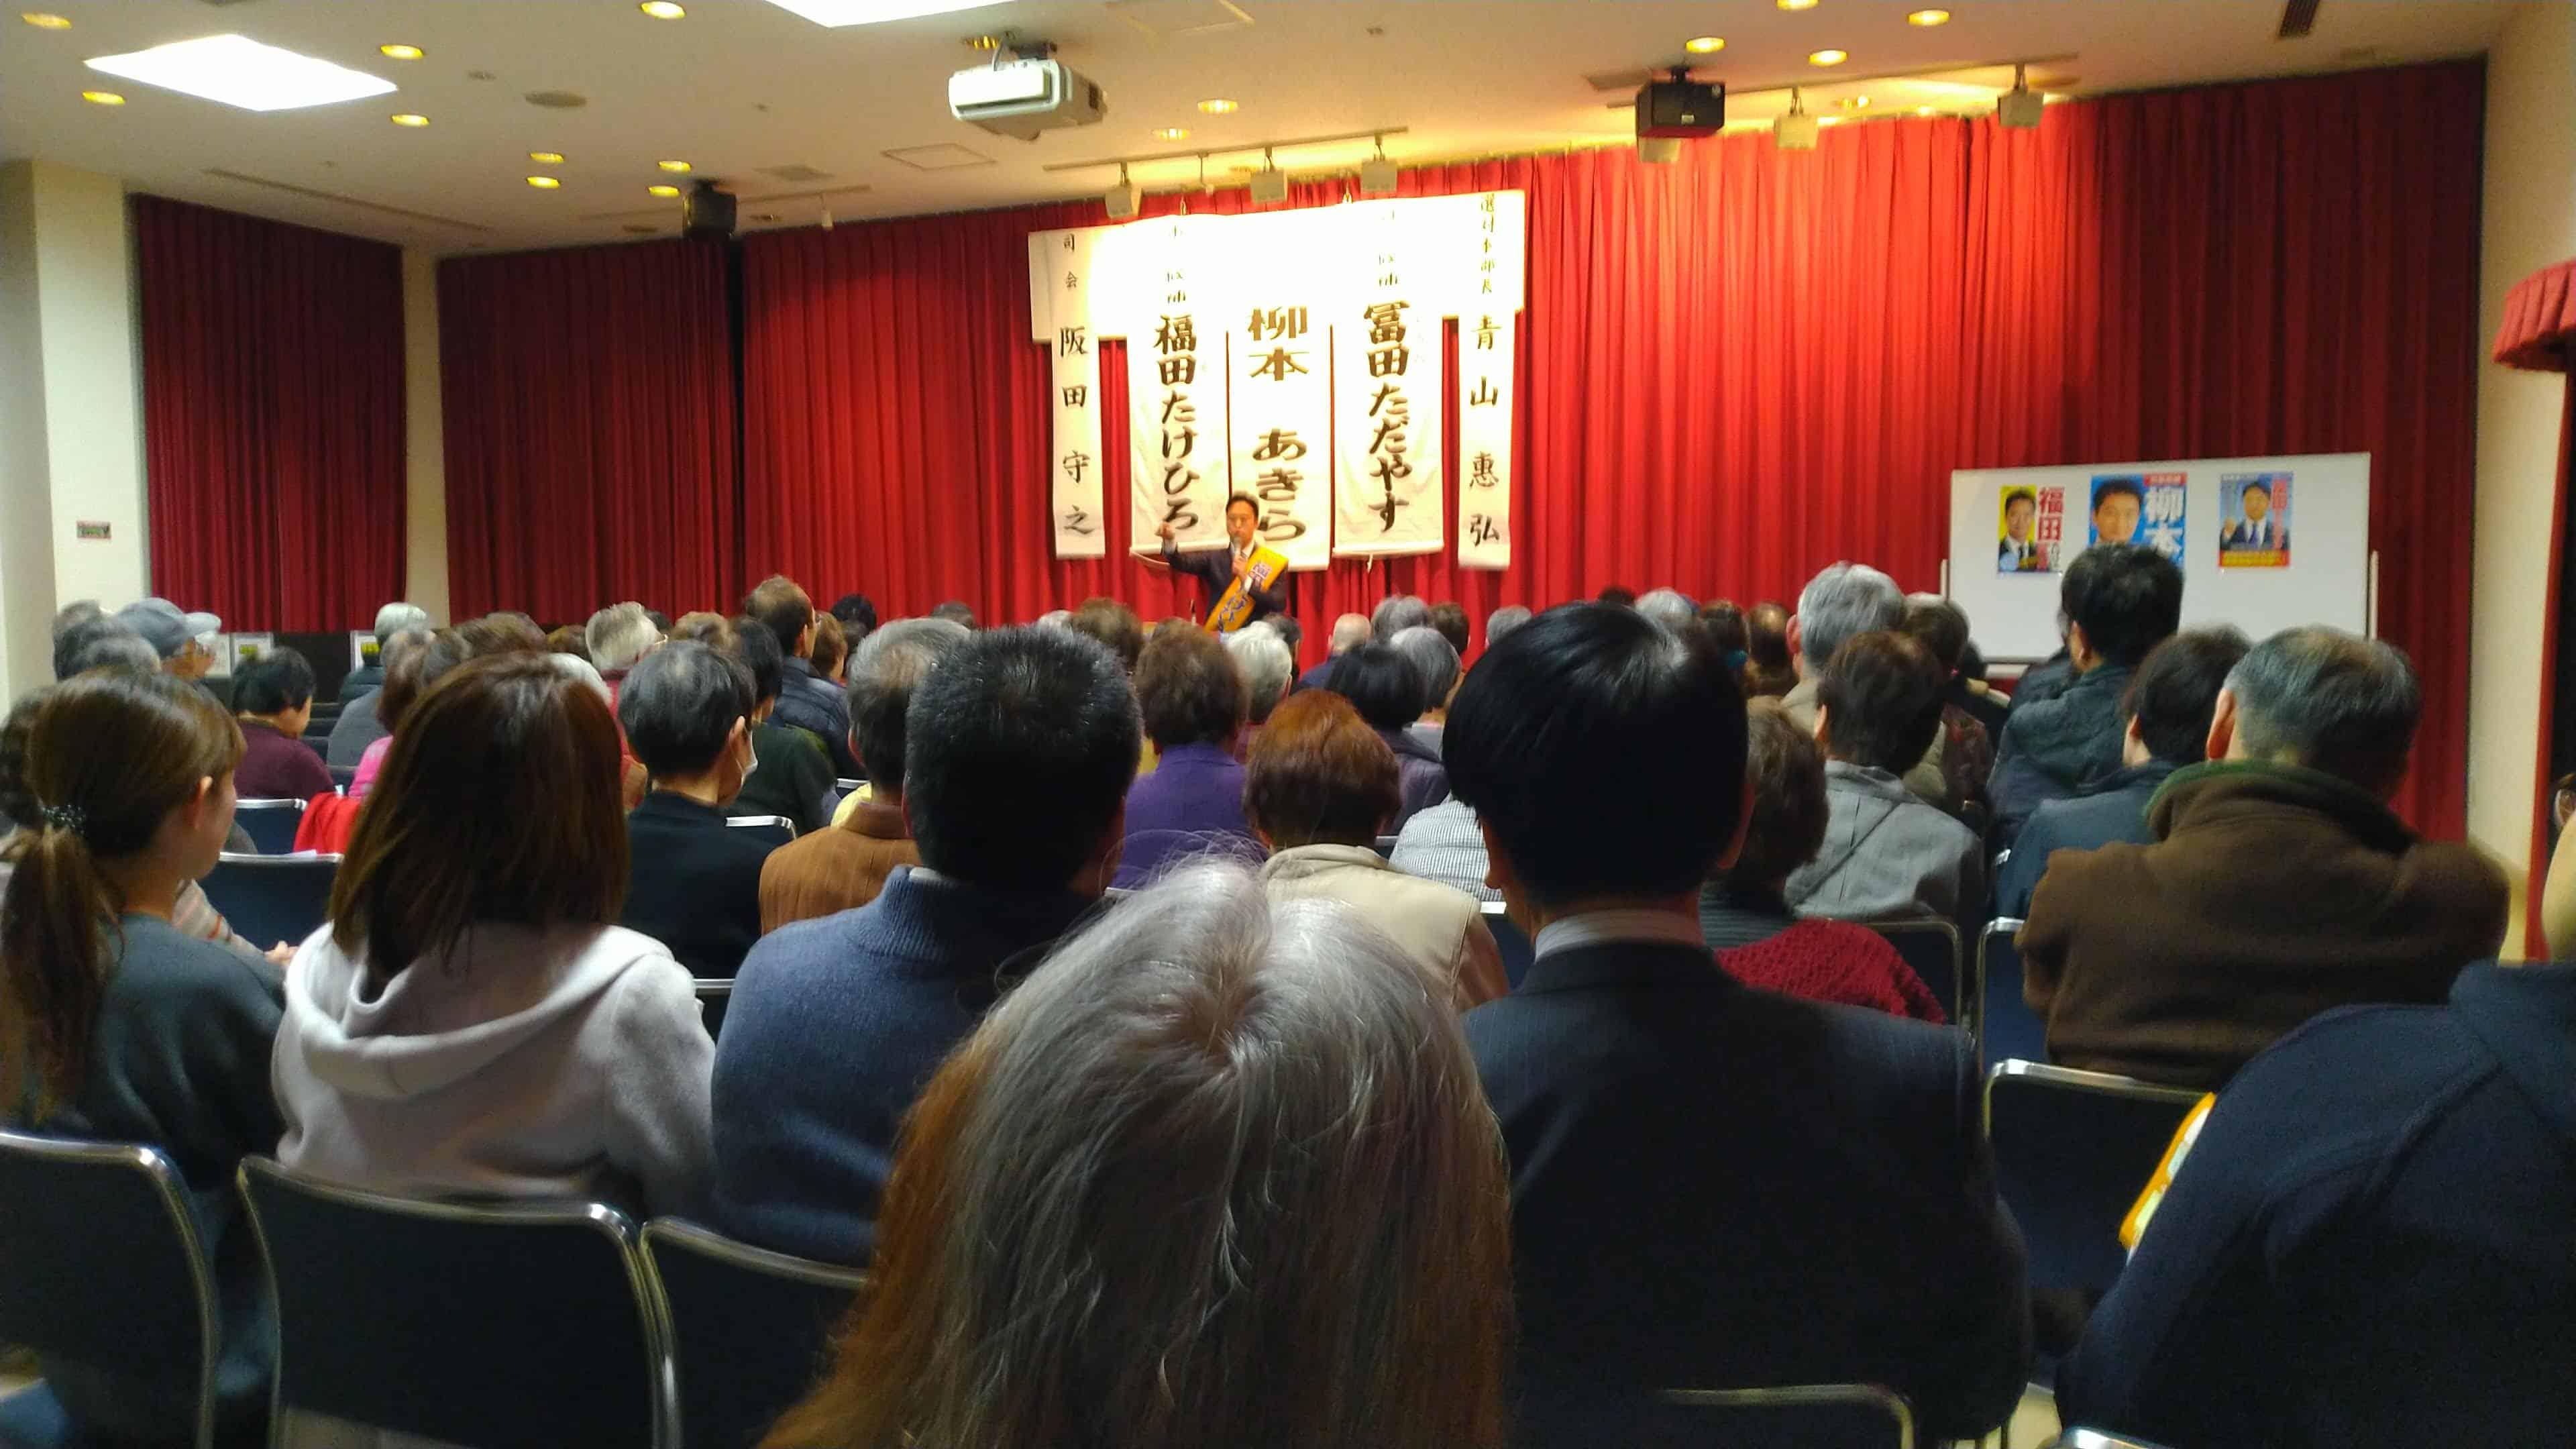 【大阪クロス統一地方選挙 旭区】柳本あきら氏 福田武洋氏 冨田ただやす(忠泰)氏の講演会に行ってきた。